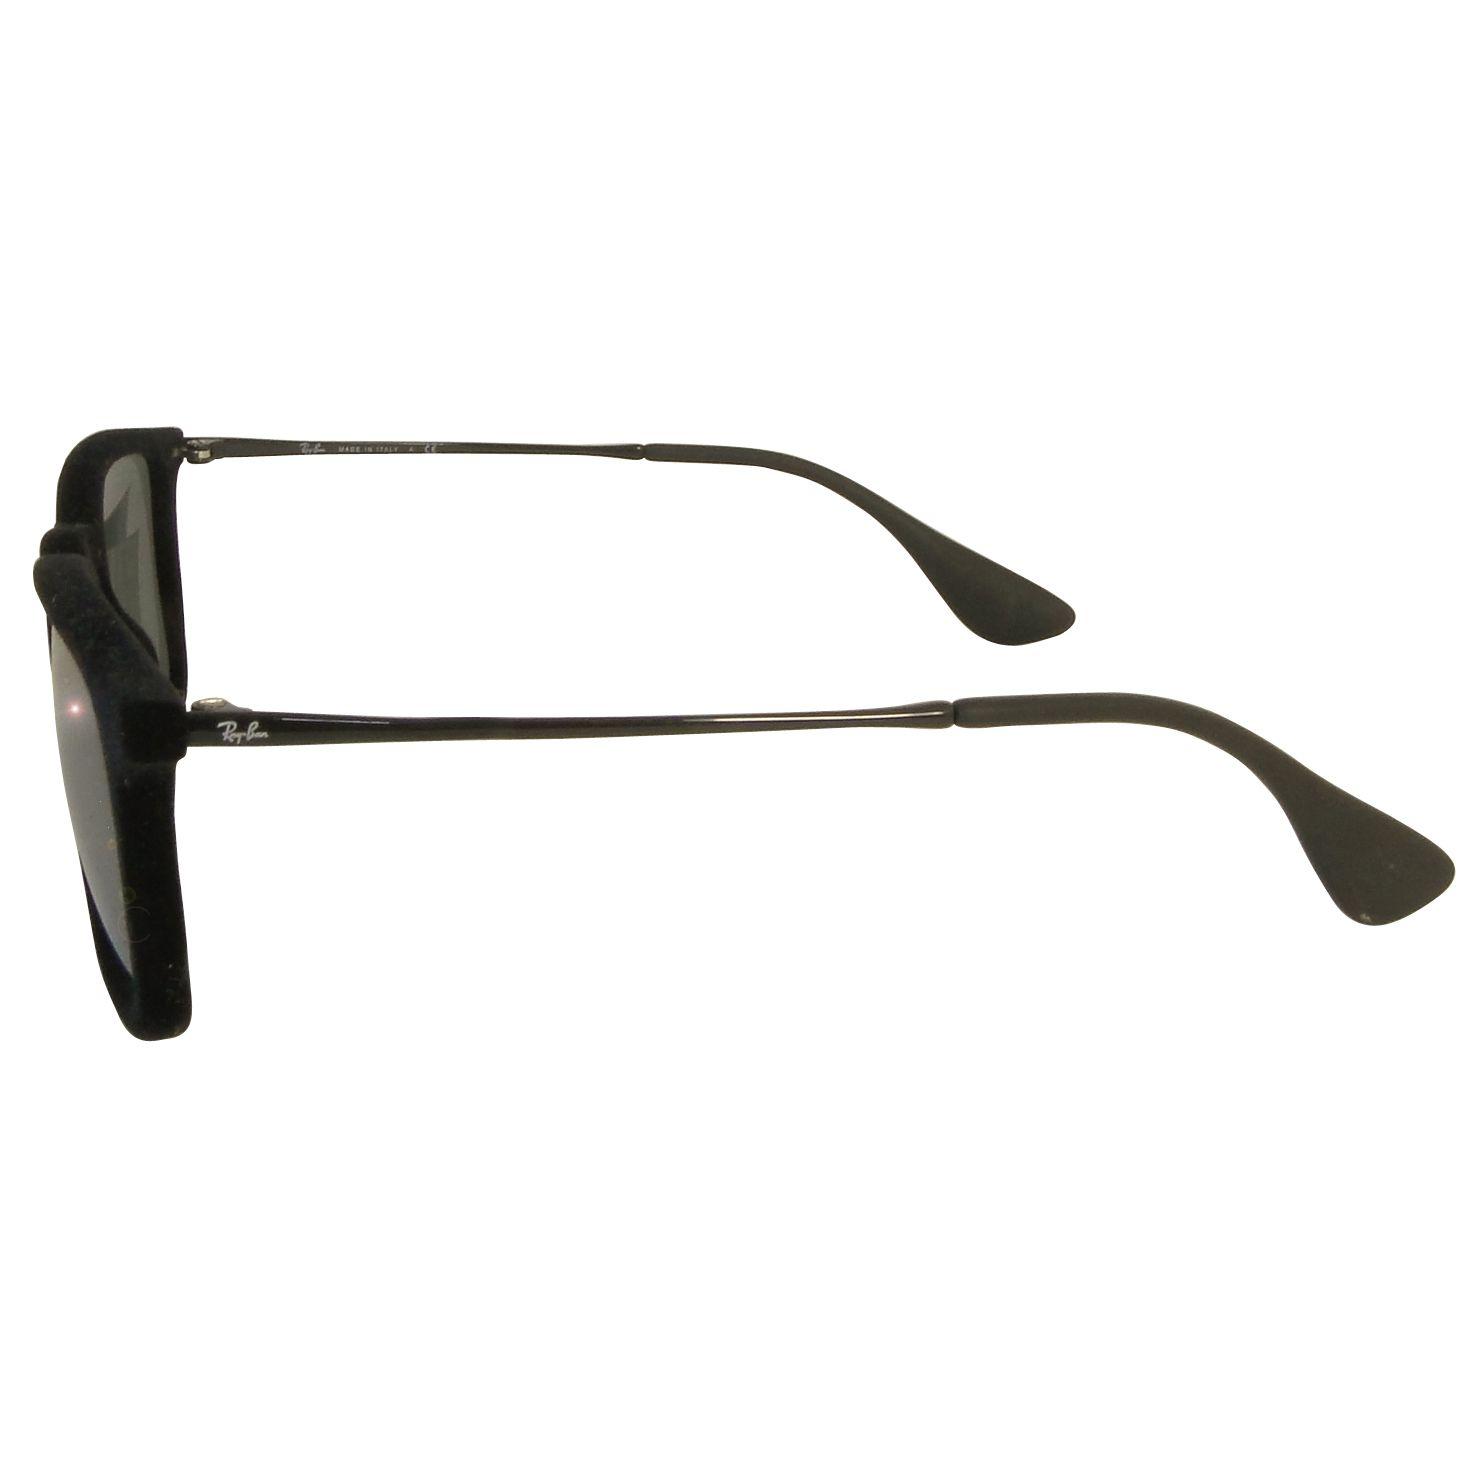 a02410108e ... Óculos de Sol Ray Ban Chris RB4187 Aveludado Preto Lente Espelhada  Acetato Unissex